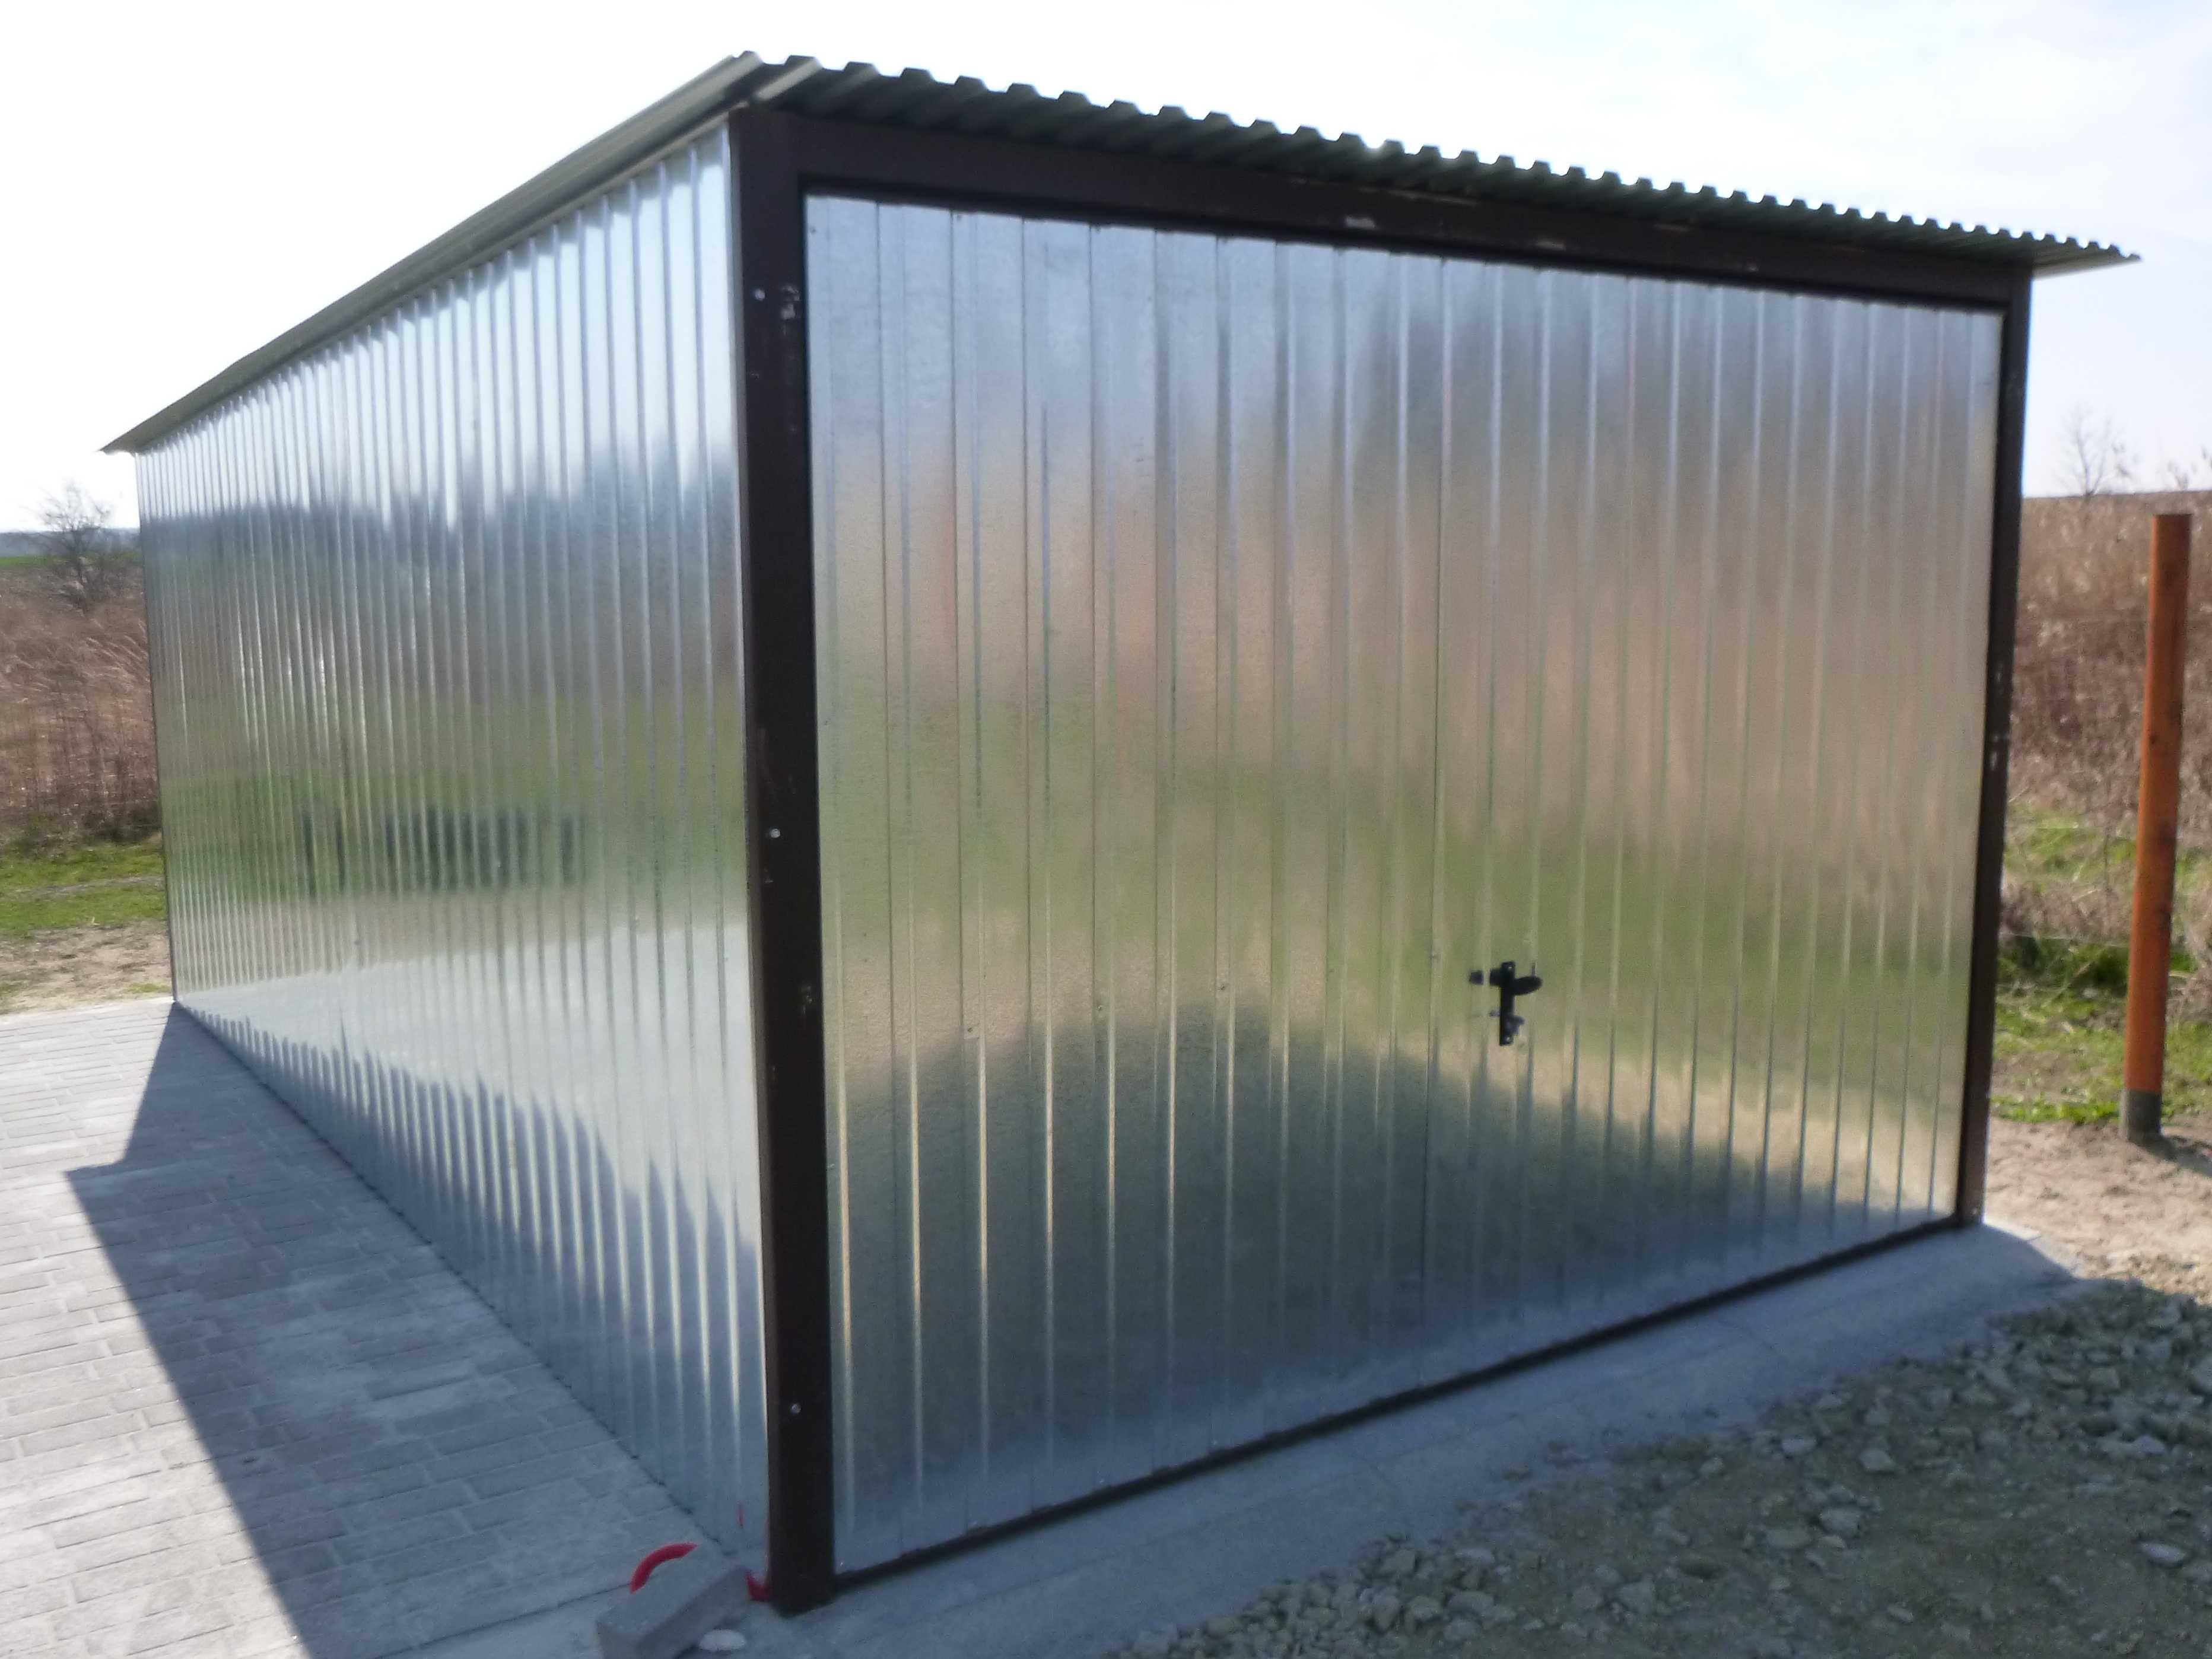 Garaż Blaszany Schowek Garaże blaszane Blaszak na budowę WZMOCNIONY